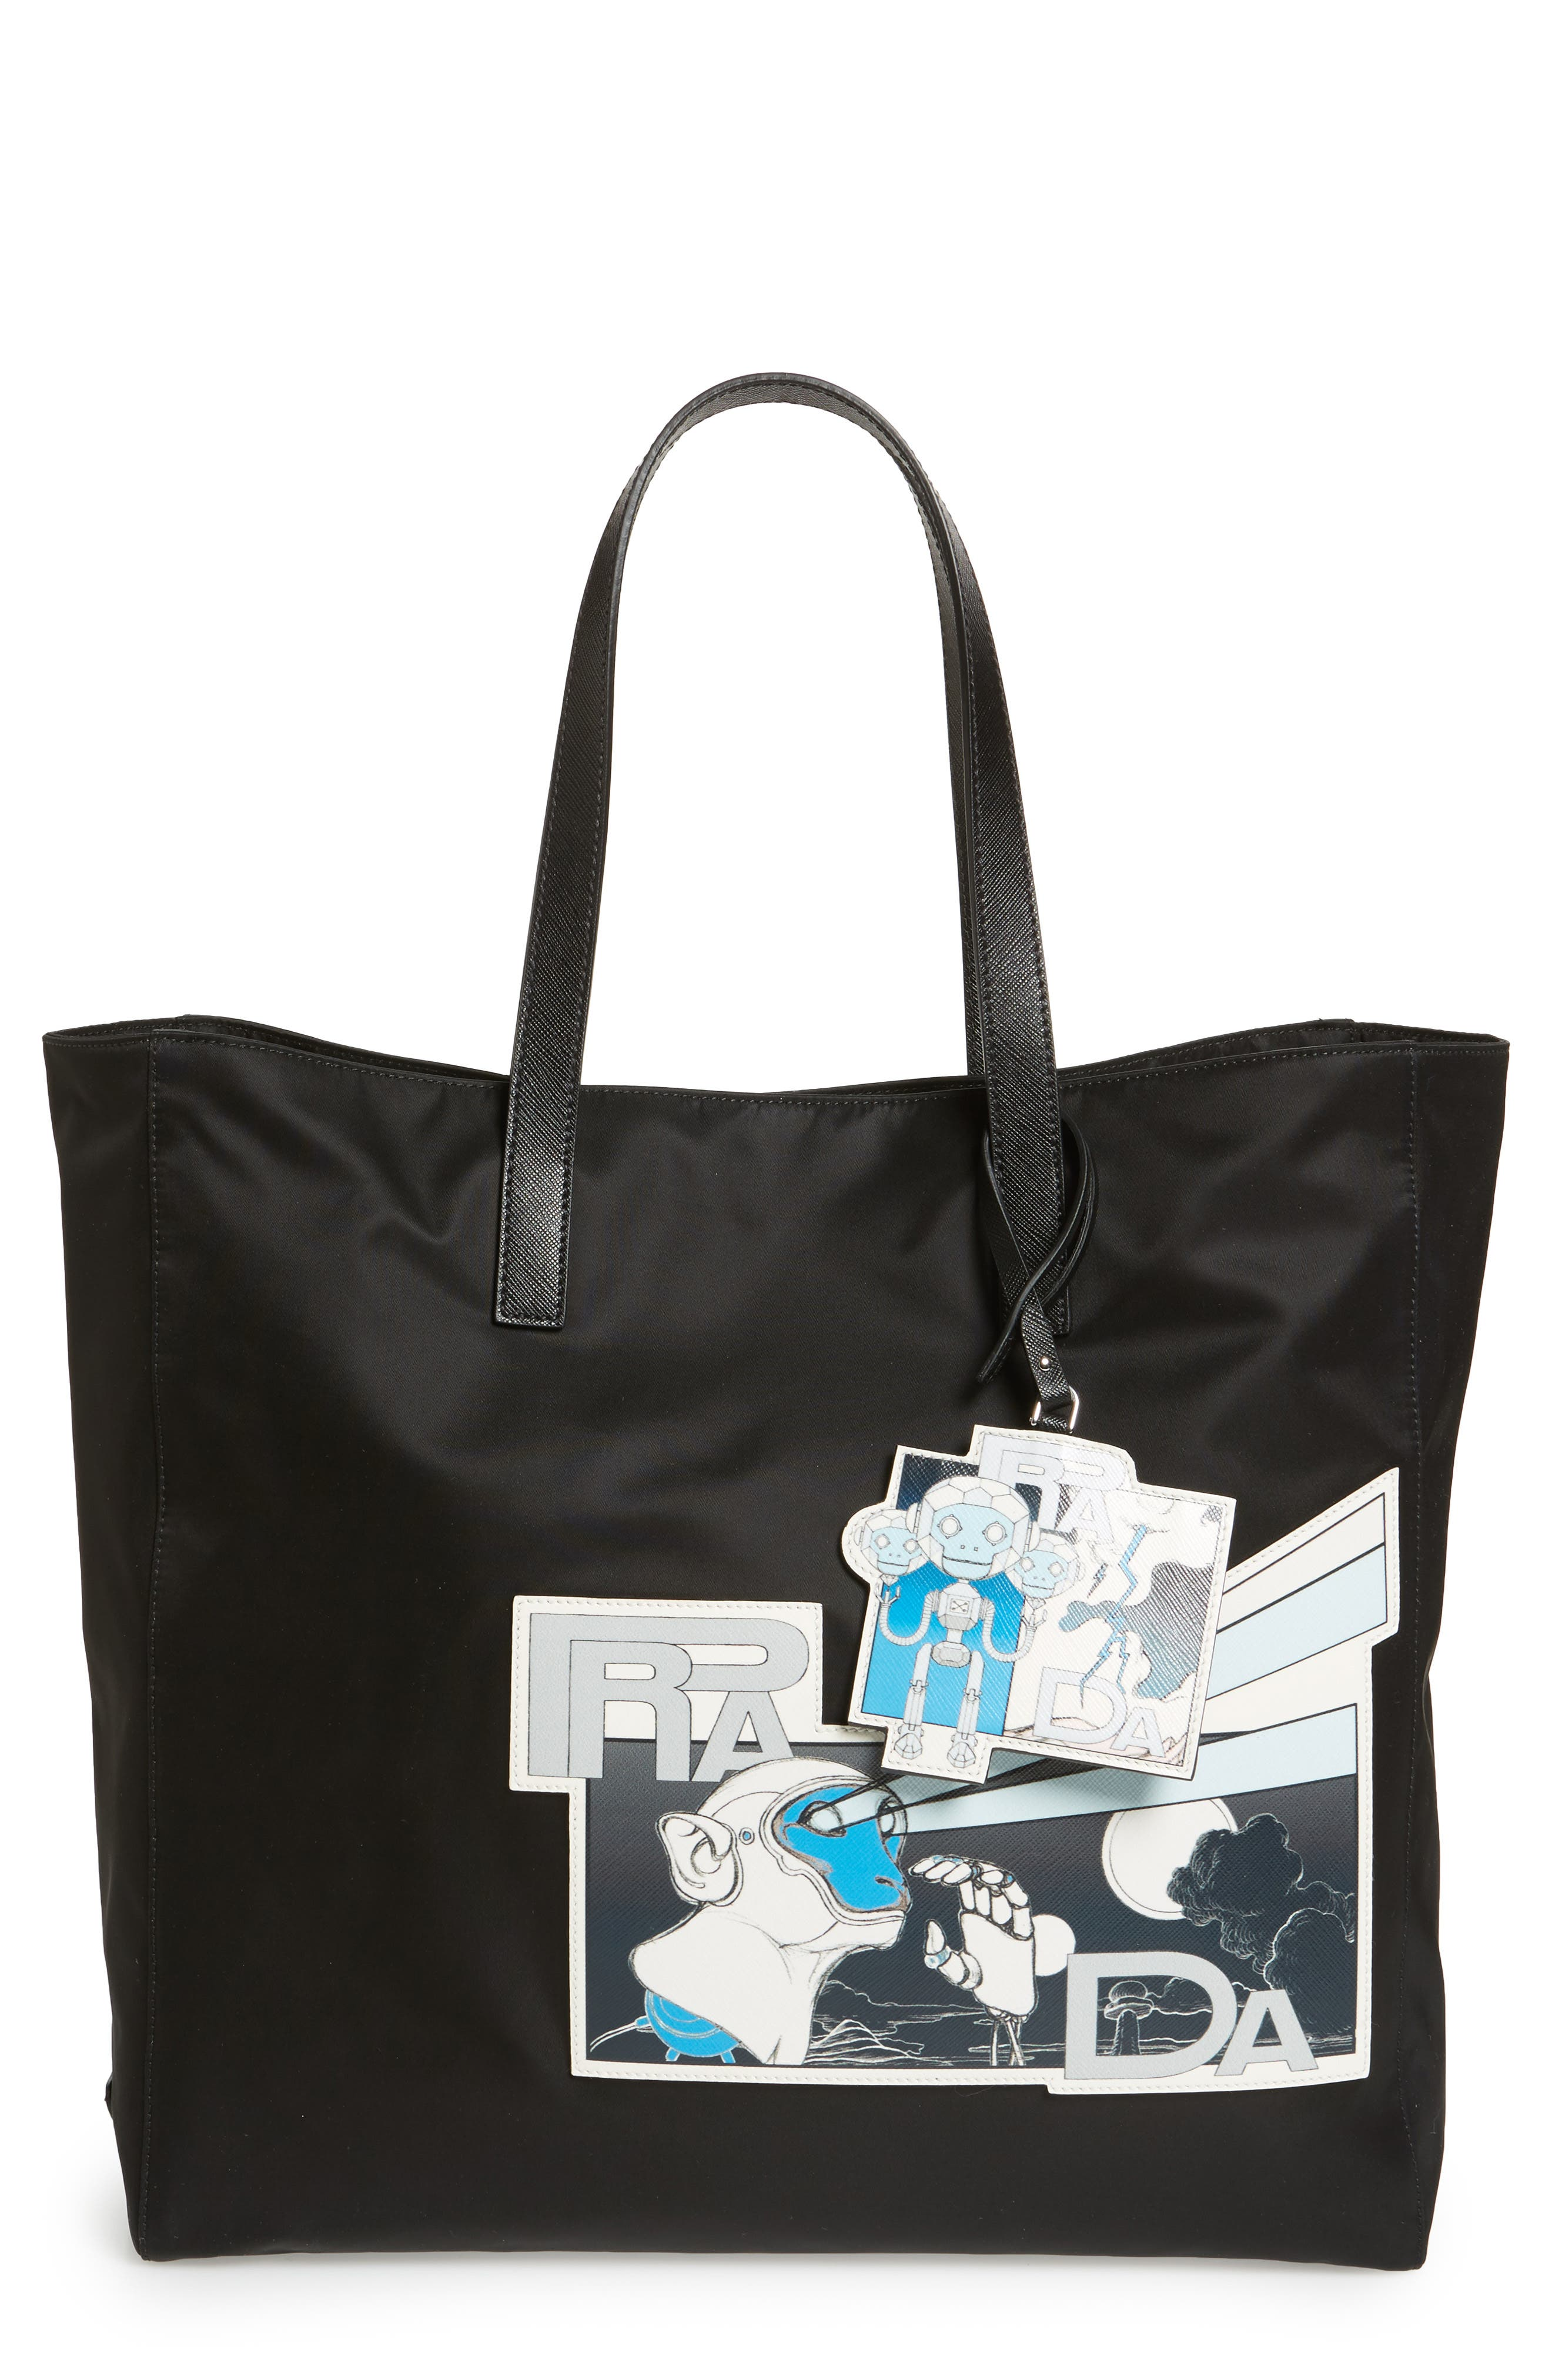 Main Image - Prada Comic Tote Bag